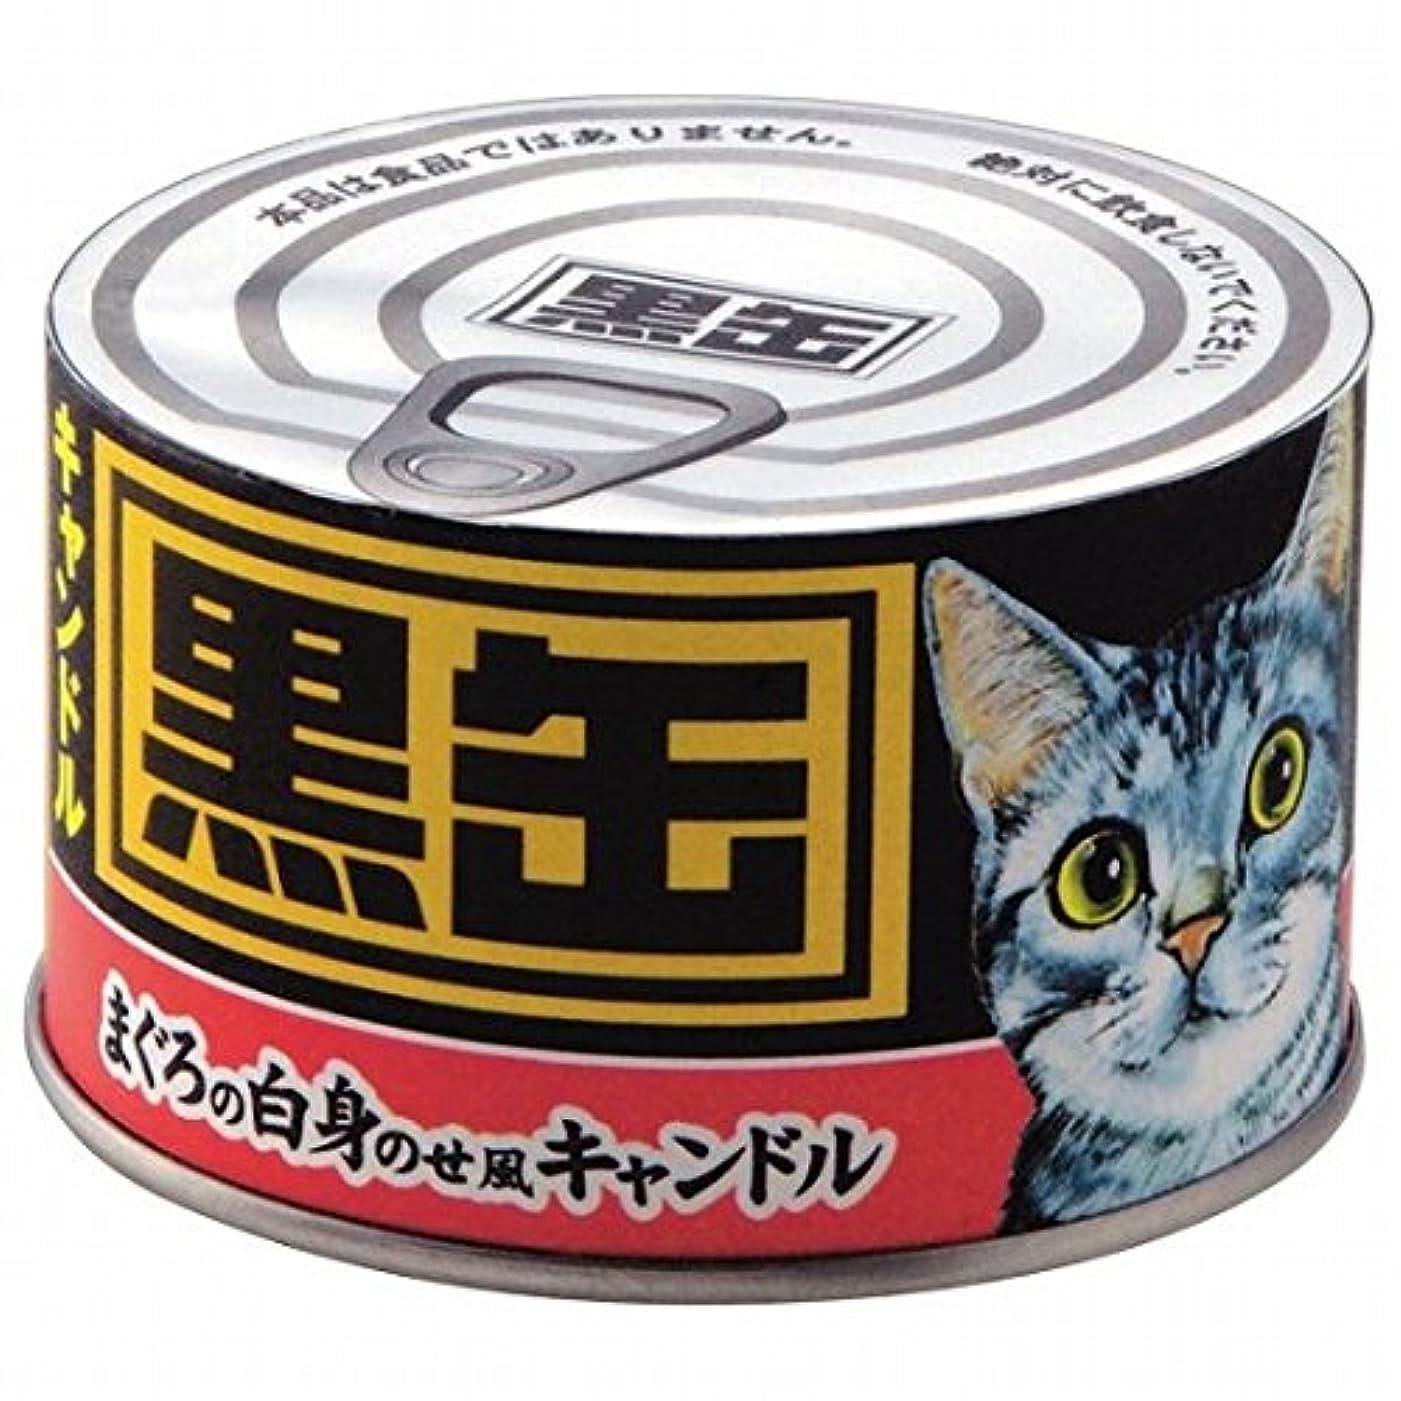 会計士ただ縁石カメヤマキャンドル( kameyama candle ) 黒缶キャンドル